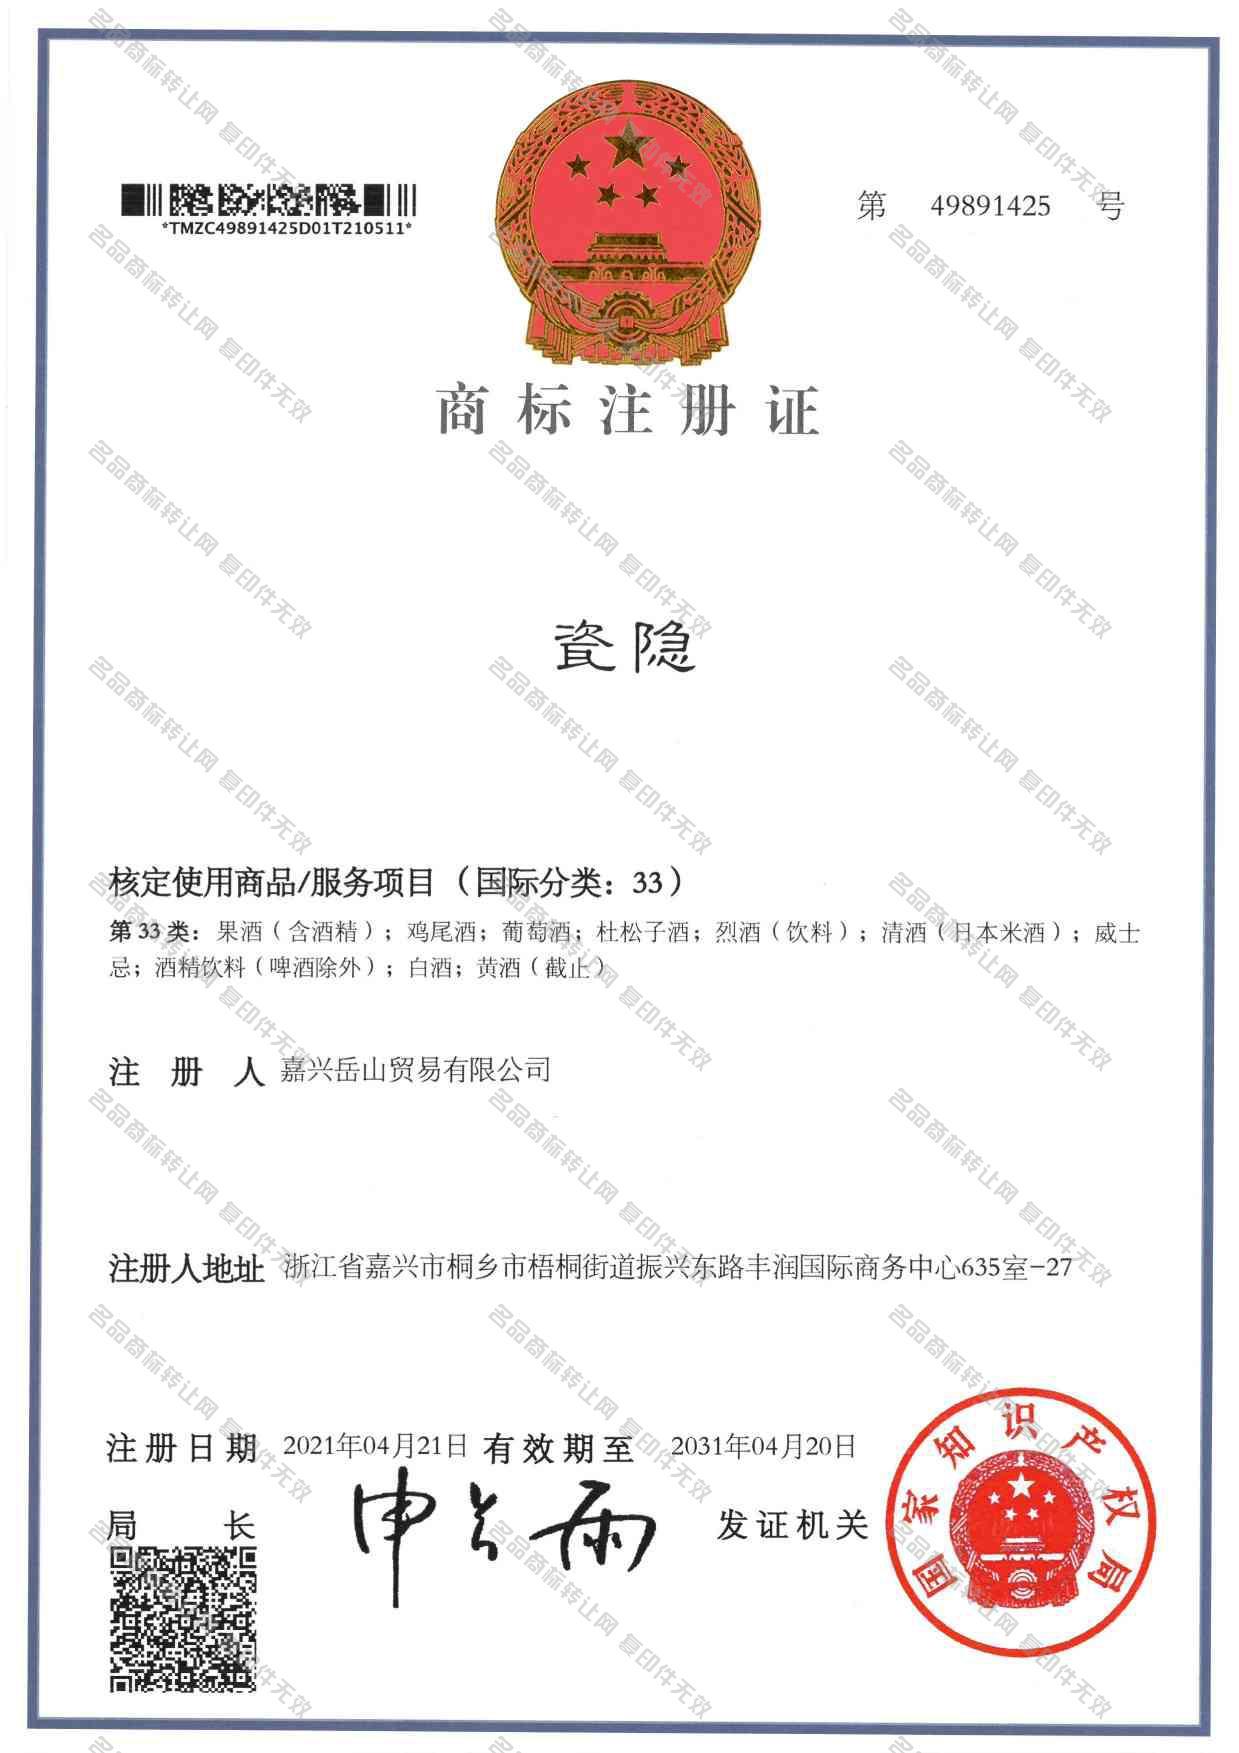 瓷隐注册证